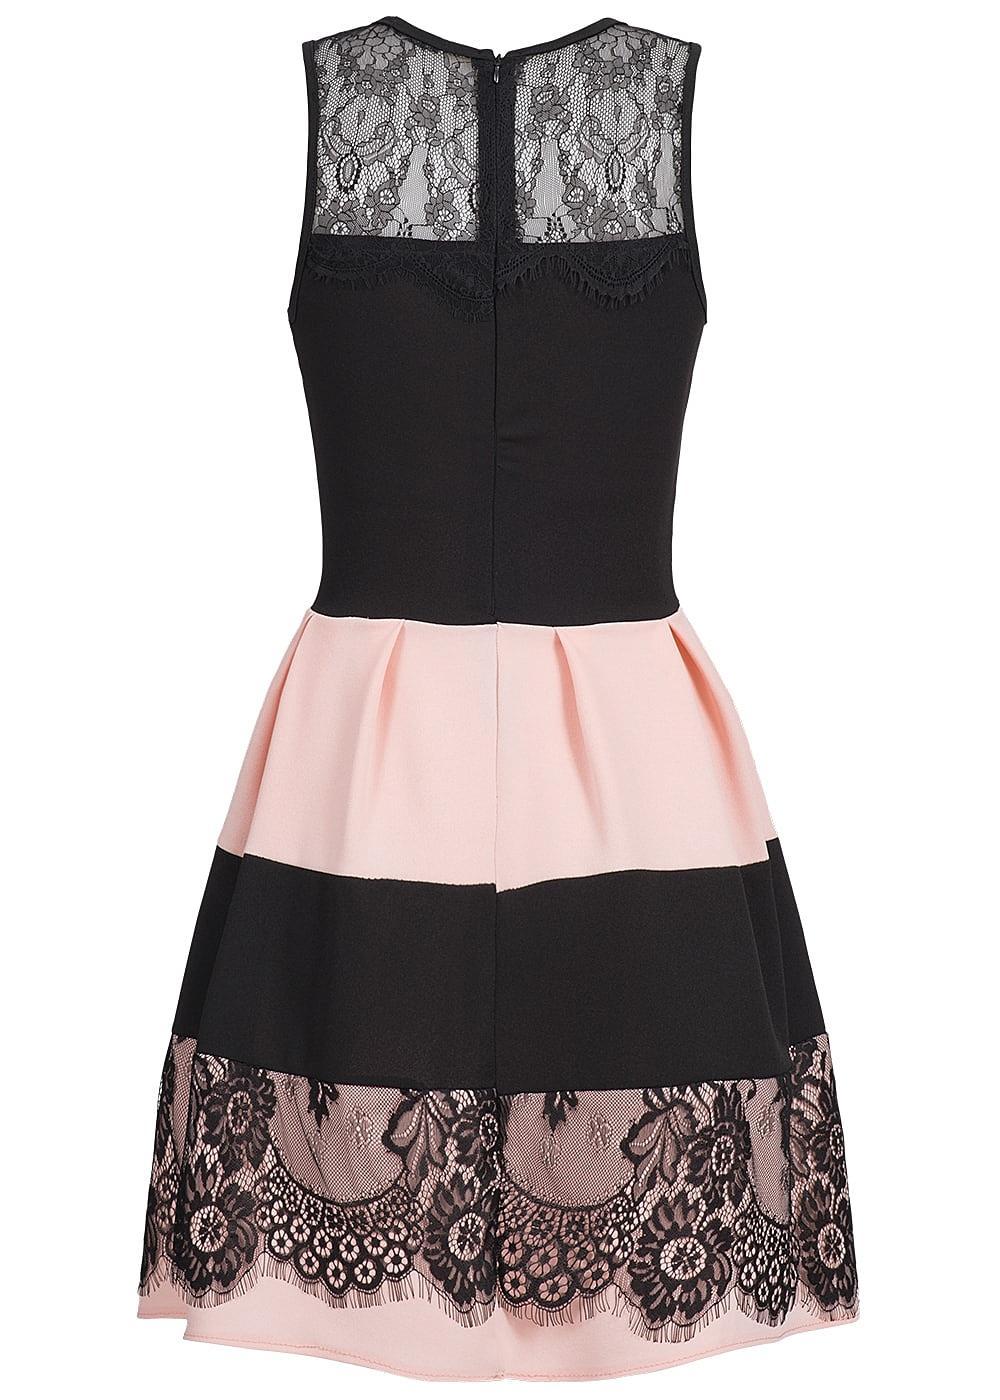 Hailys Damen Kleid Netz Optik Spitze gestreift rosa ...